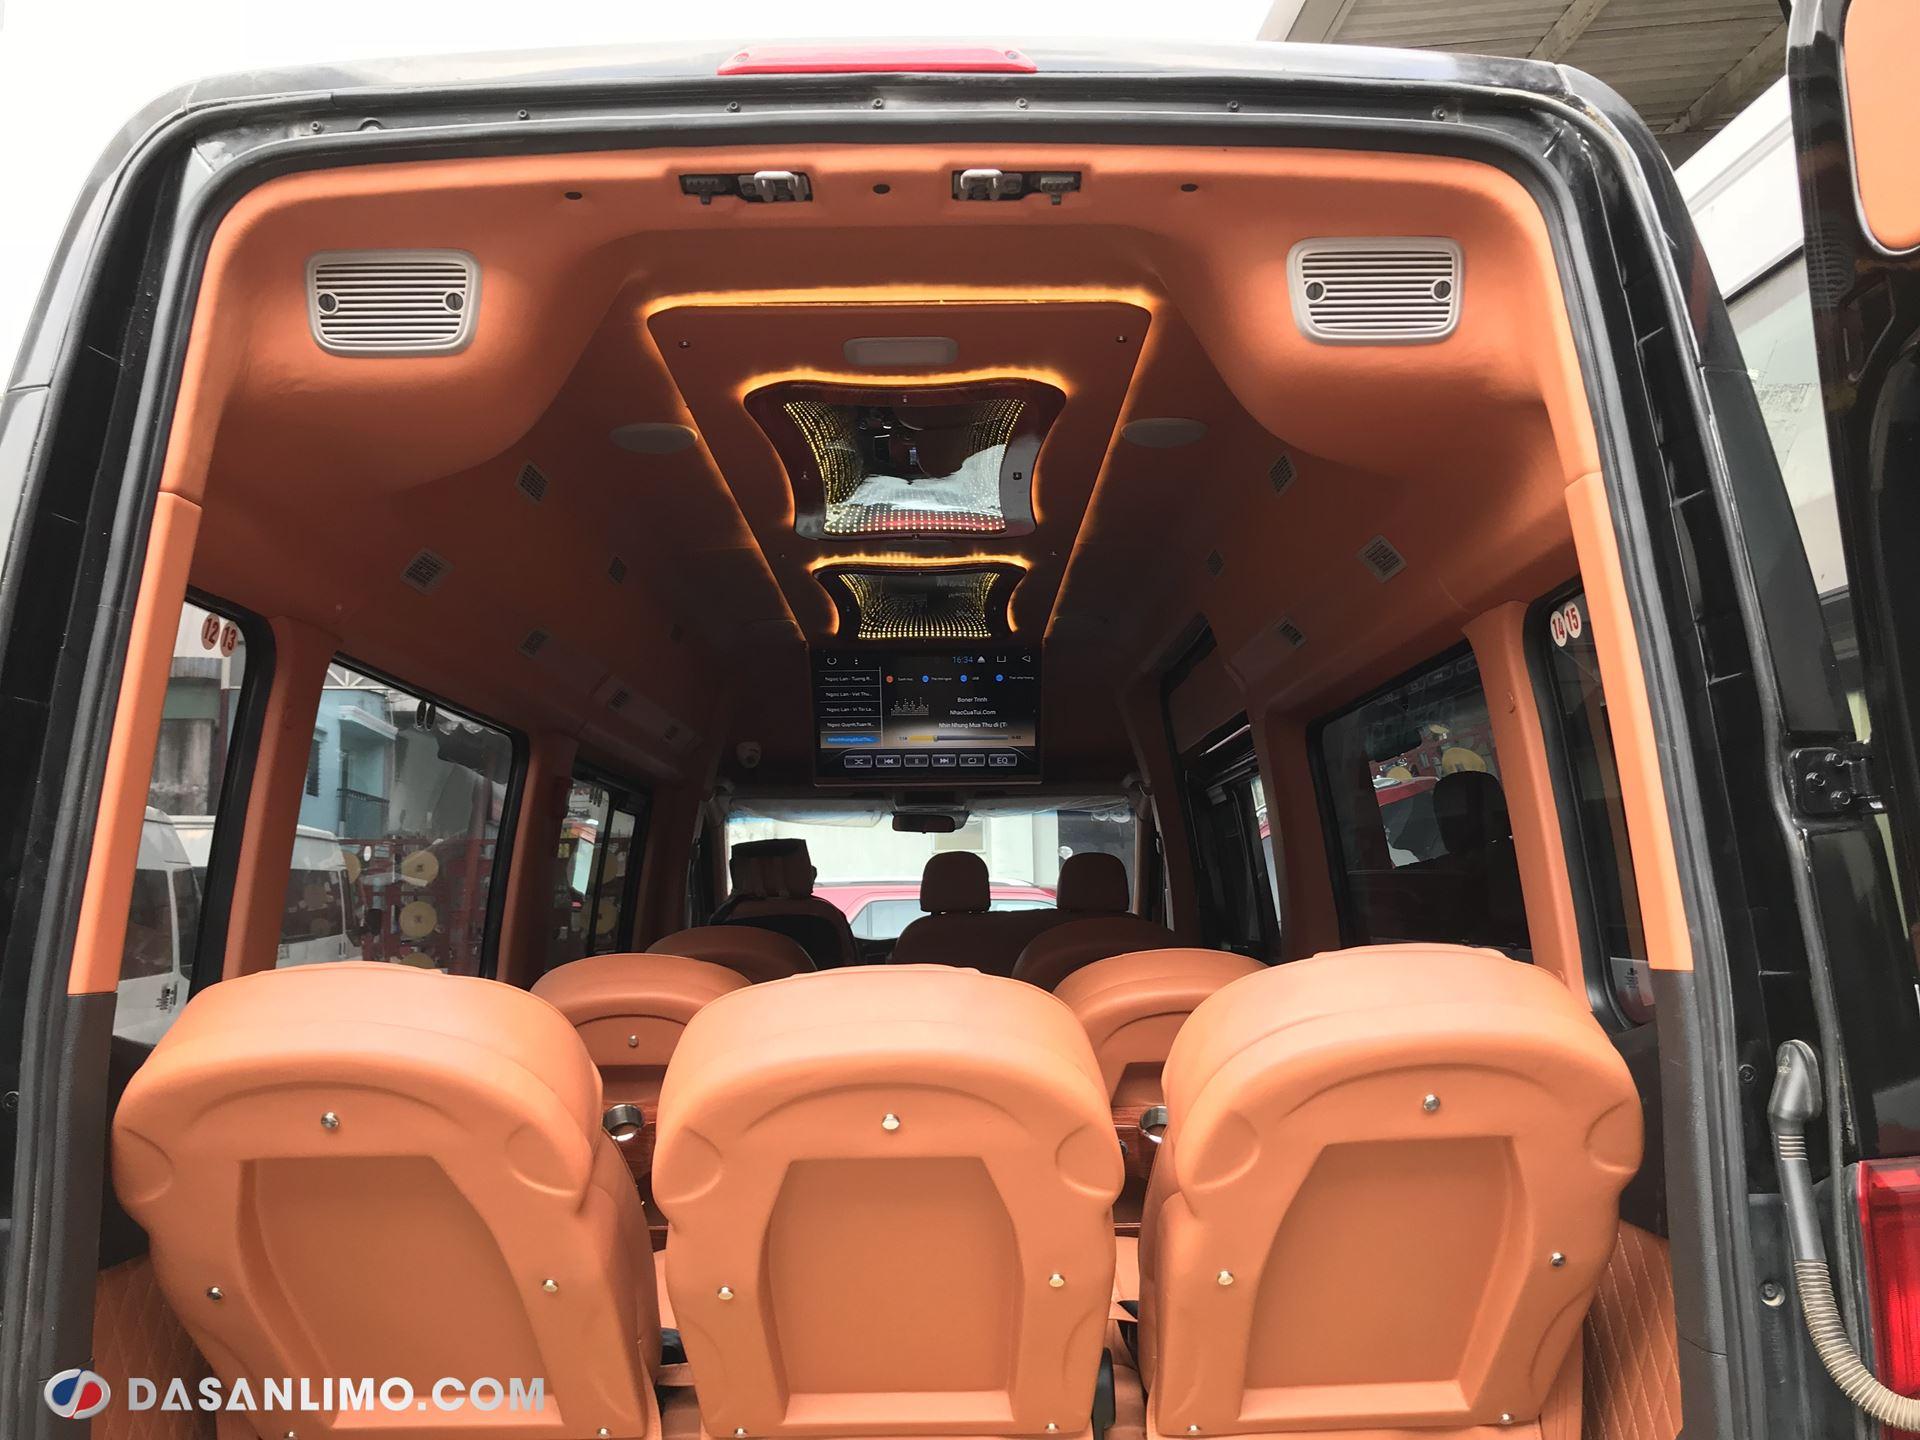 Dòng xe Limousine Skybus SVL sở hữu nội thất thoáng rộng vượt trội